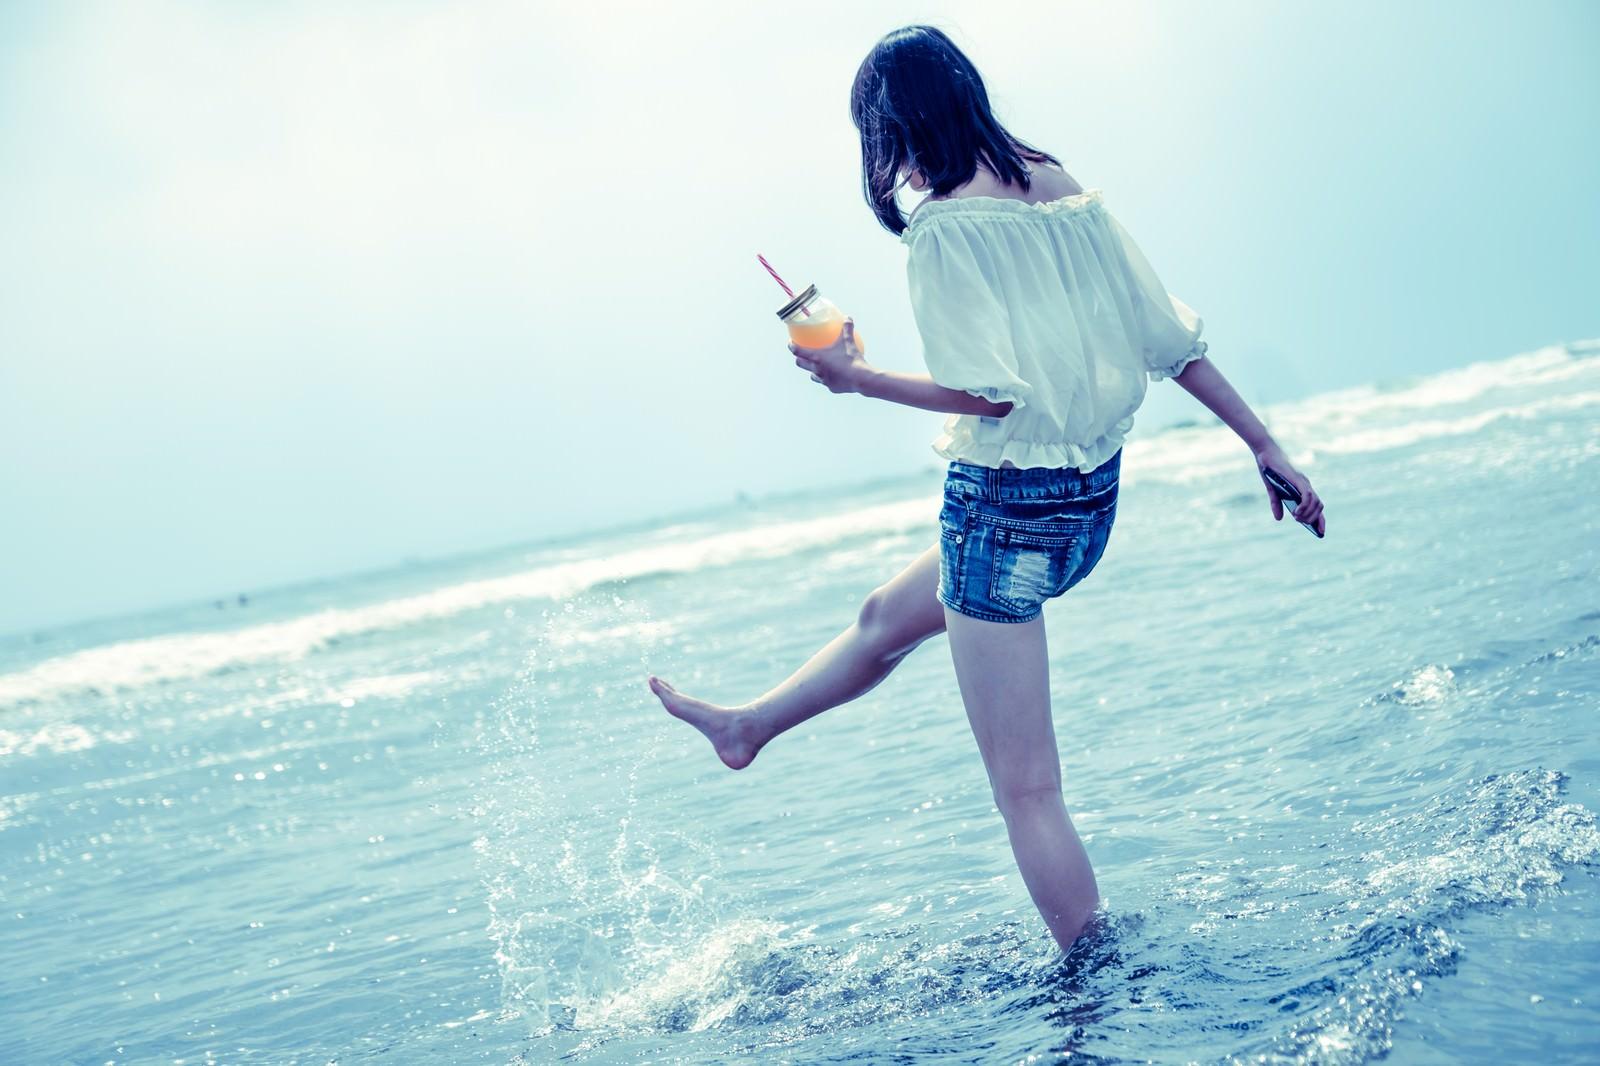 「海面を蹴り上げる女性海面を蹴り上げる女性」のフリー写真素材を拡大